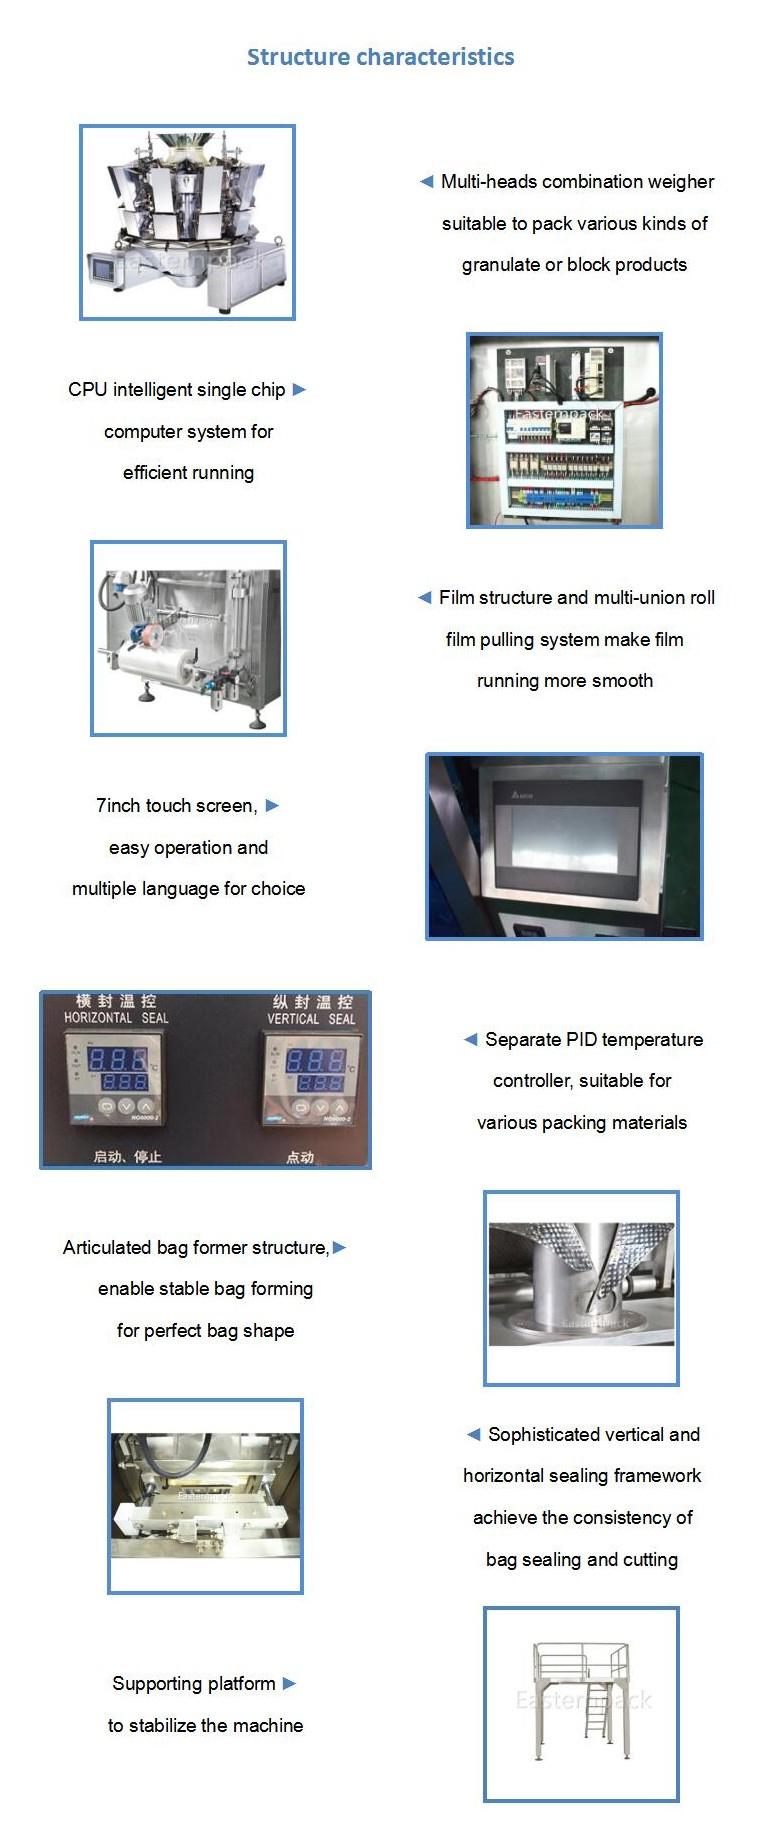 Pesage verticale particules automatique équipement de machine d'emballage de cacao café machine à emballer de granule d'aliment pour animaux familiers